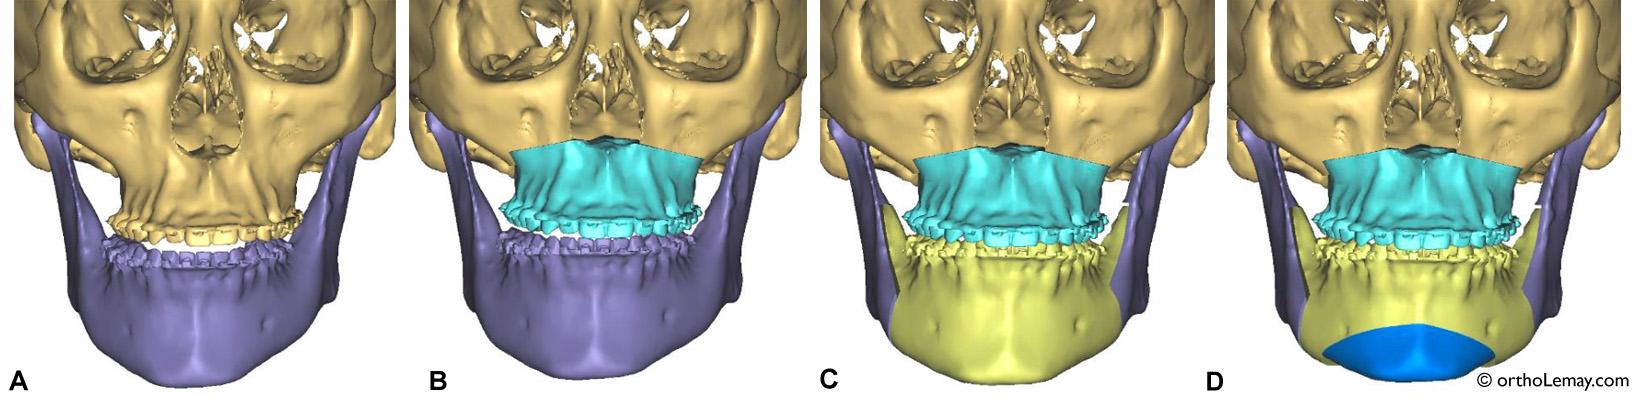 Simulation de la correction chirurgicale d'une malocclusion classe 2 ayant une béance antérieure. Simulation, gracieuseté du Dr Jean-François Aubin, chirurgien maxillo-facial, Sherbrooke. © 2016.